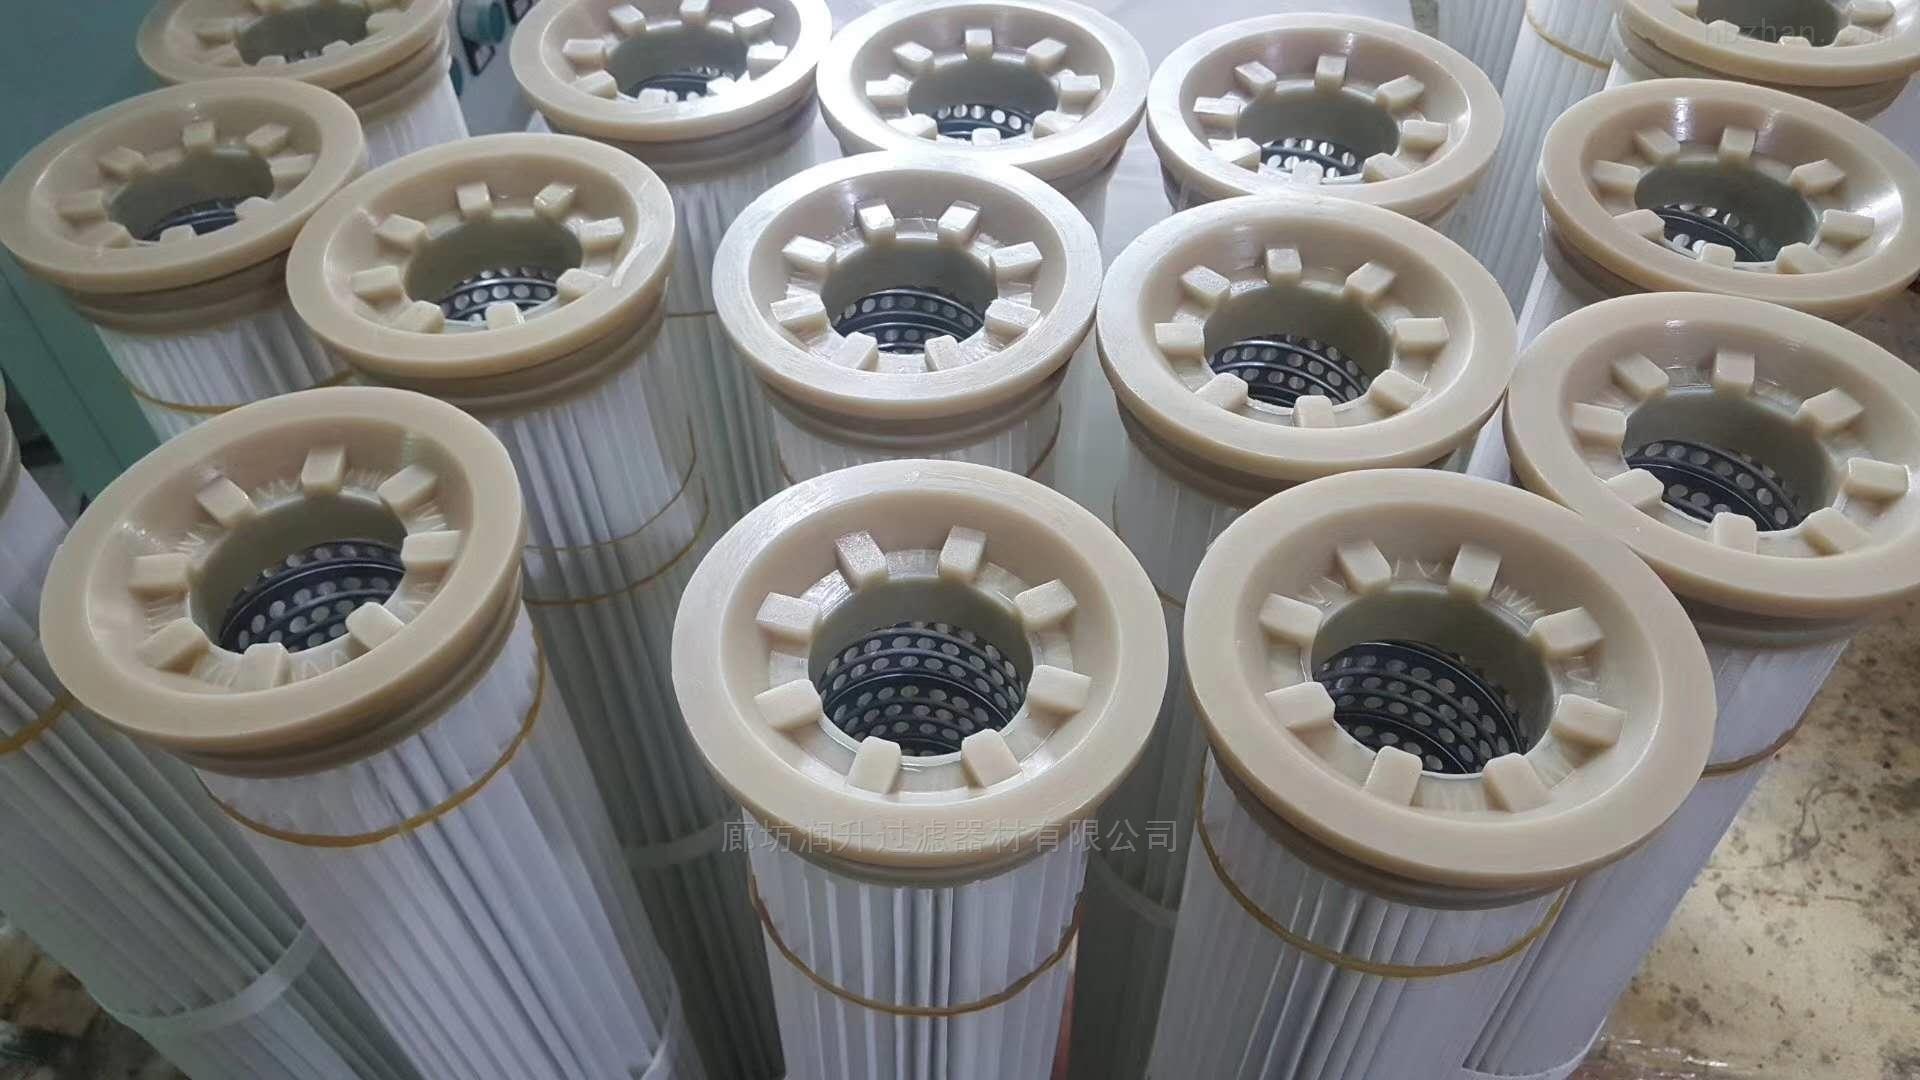 丰台DFM40PP005A01滤芯厂家